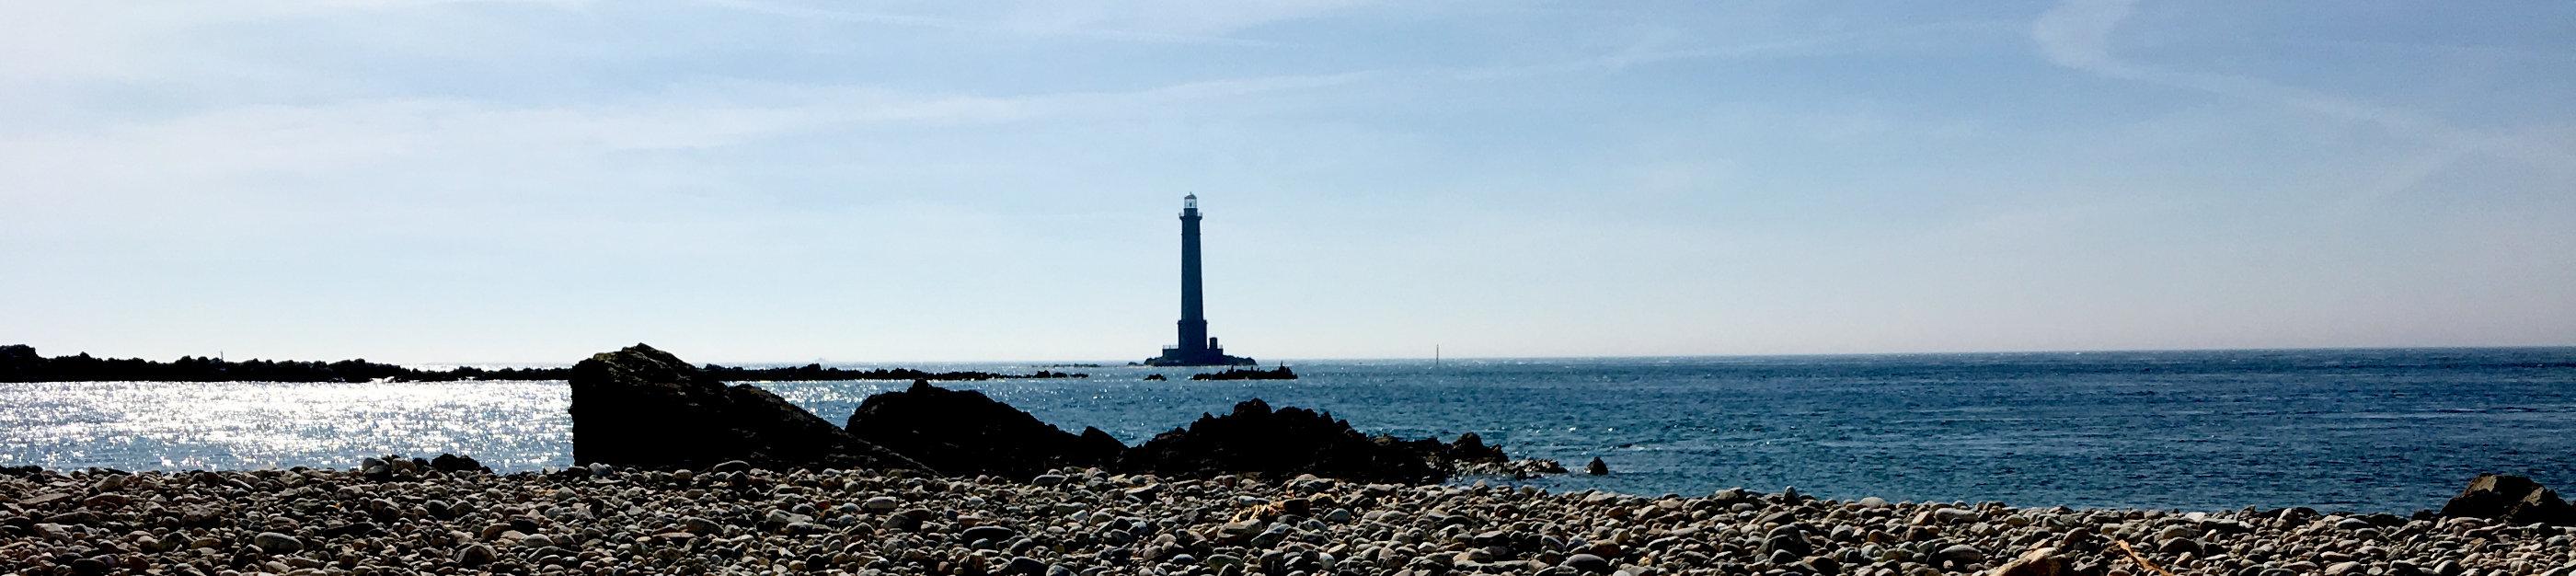 Leuchtturm in der Normandie